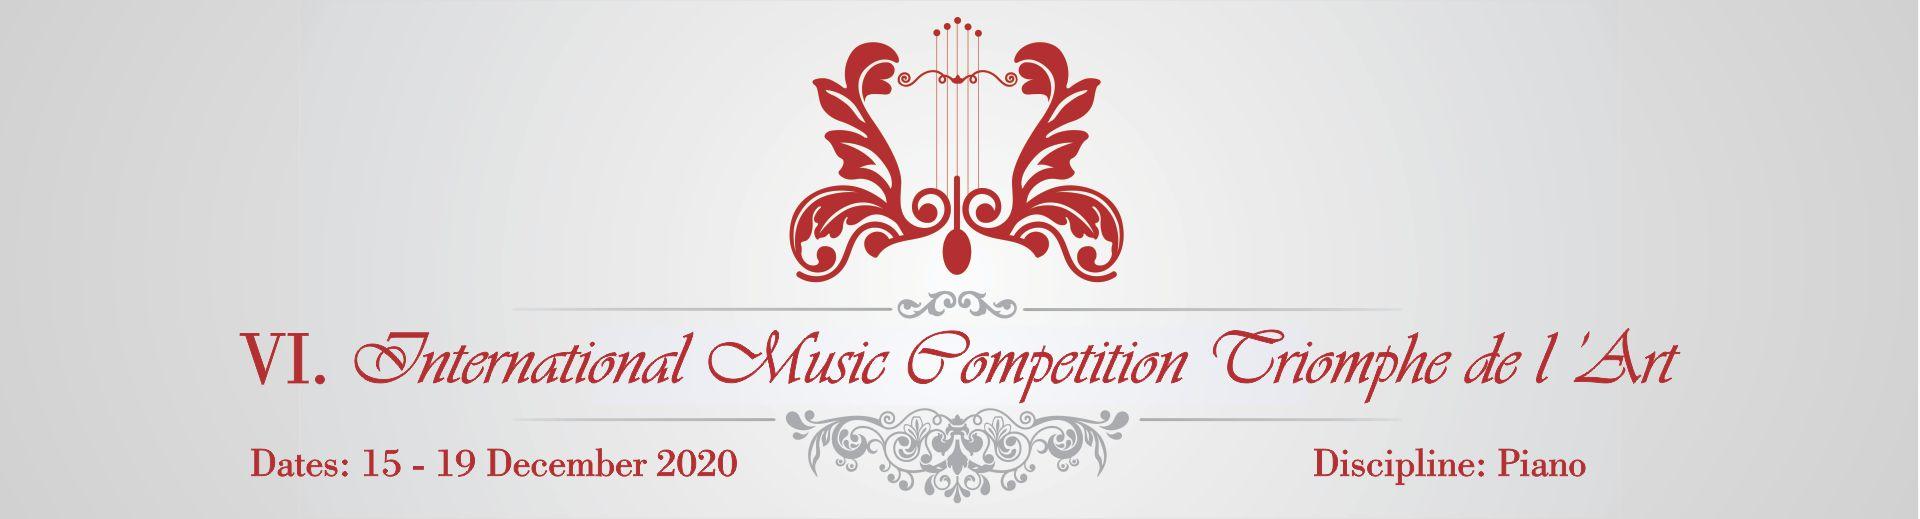 VI. International Music Competition Triomphe de l'Art